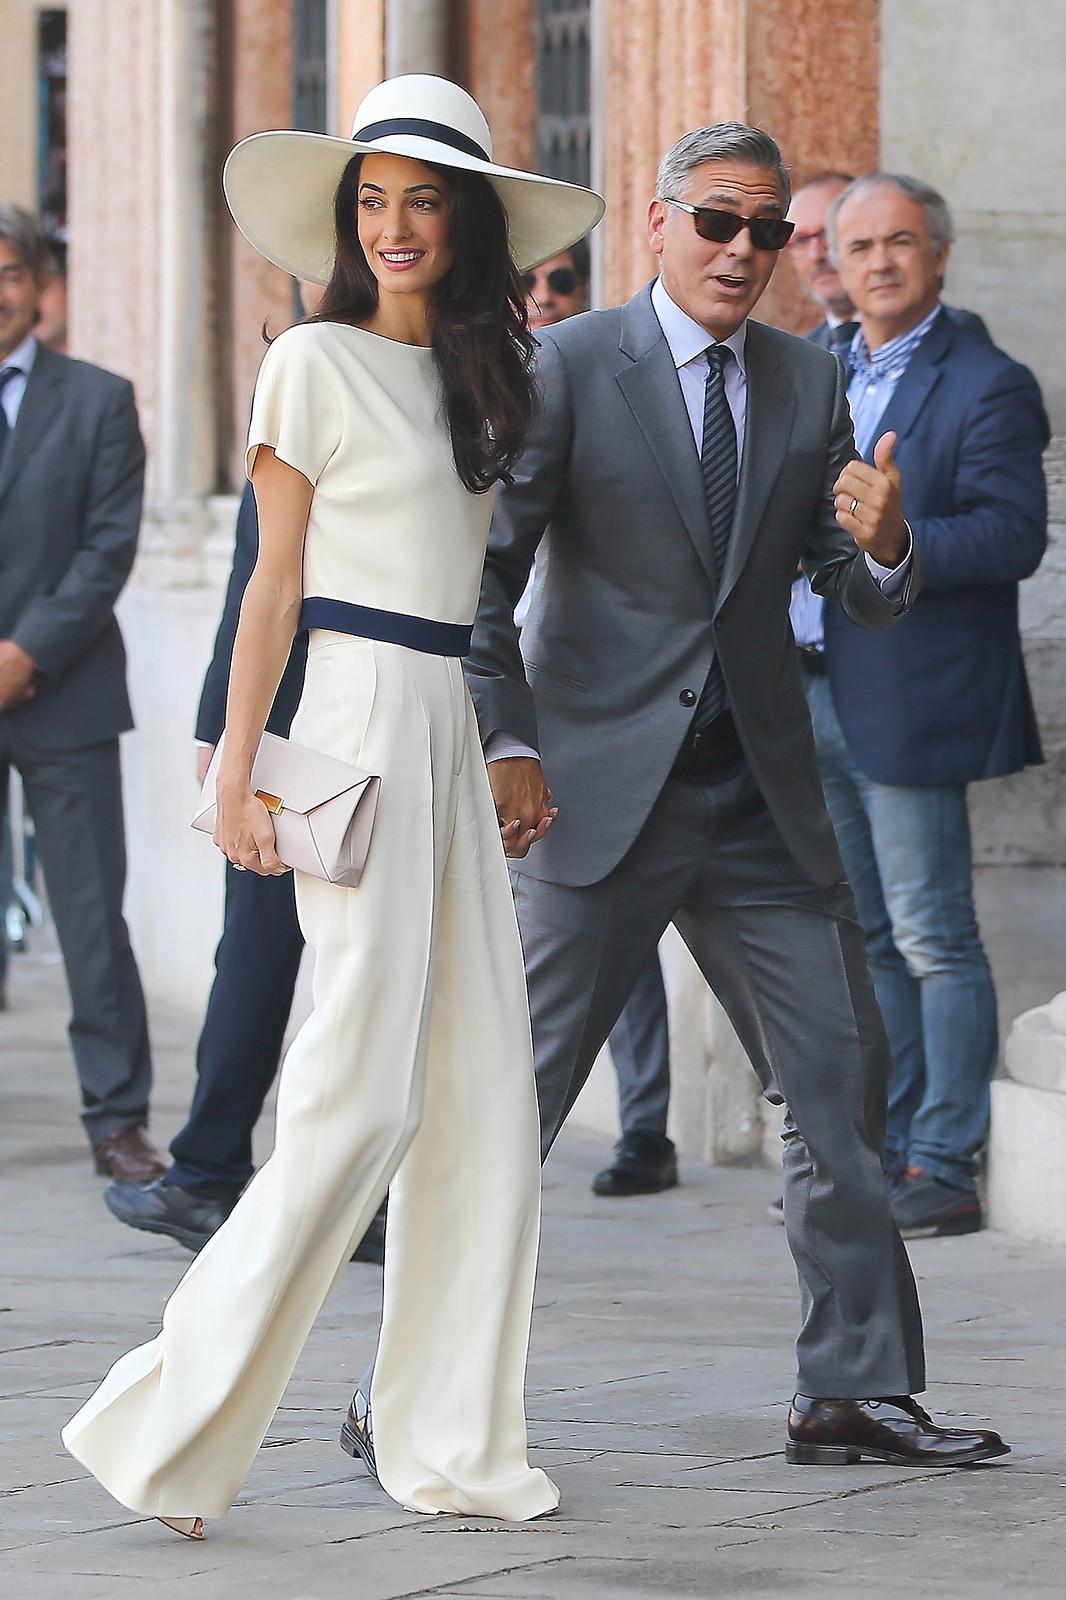 Джордж Клуни женат на Амаль Аламуддин